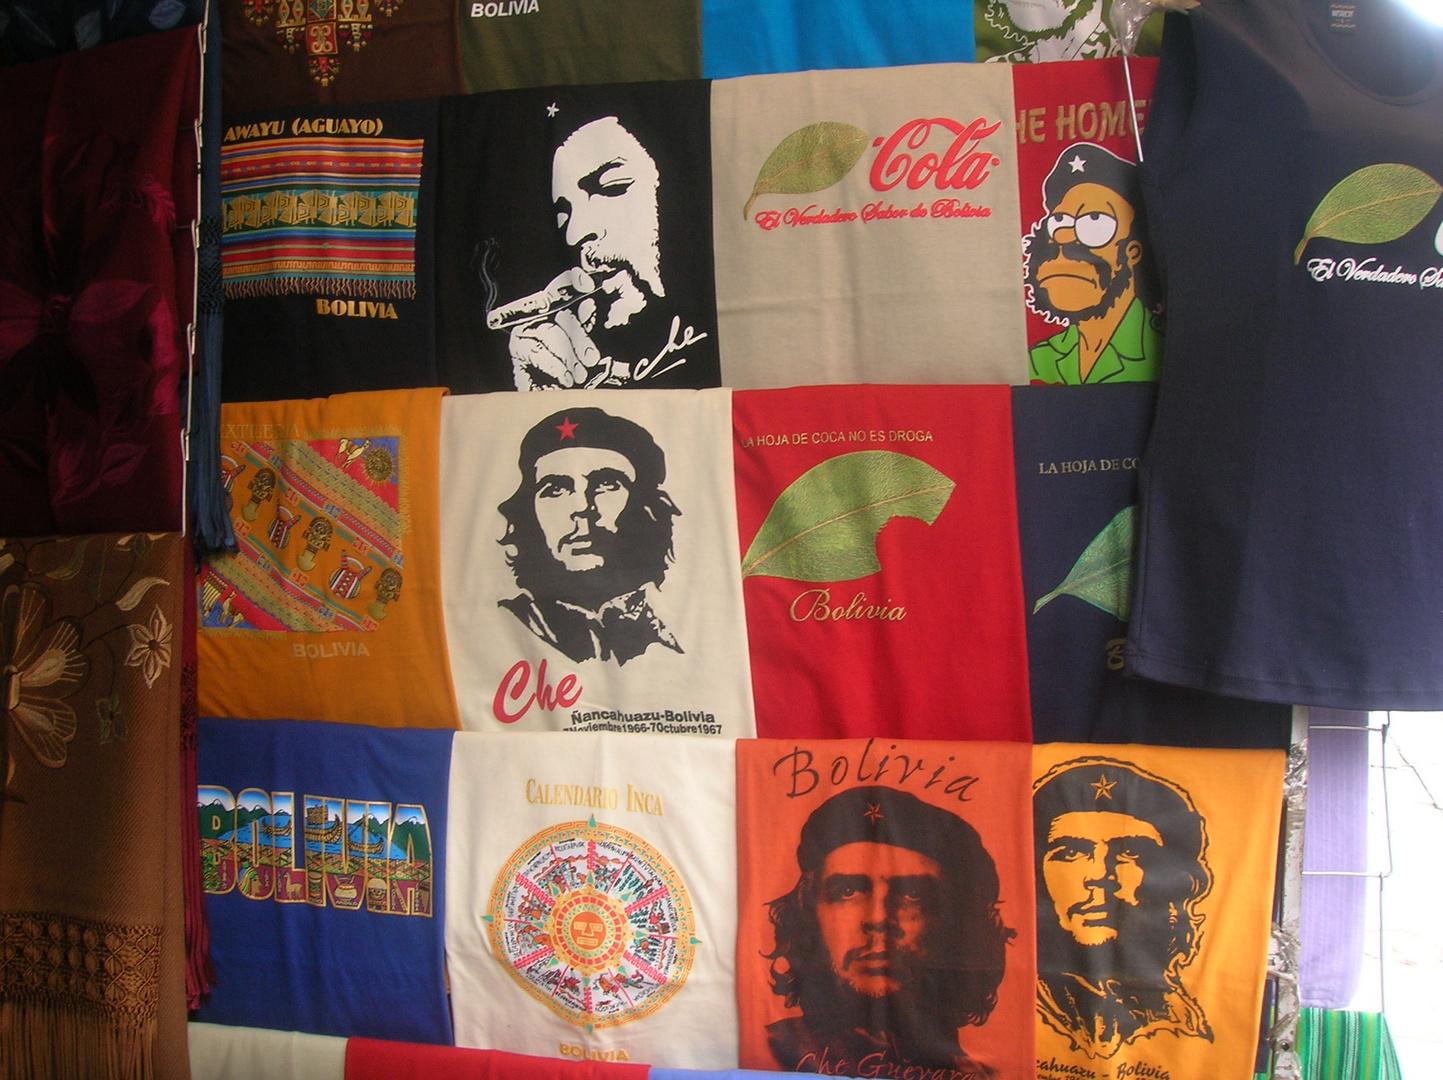 Bolivia - Che Guevara